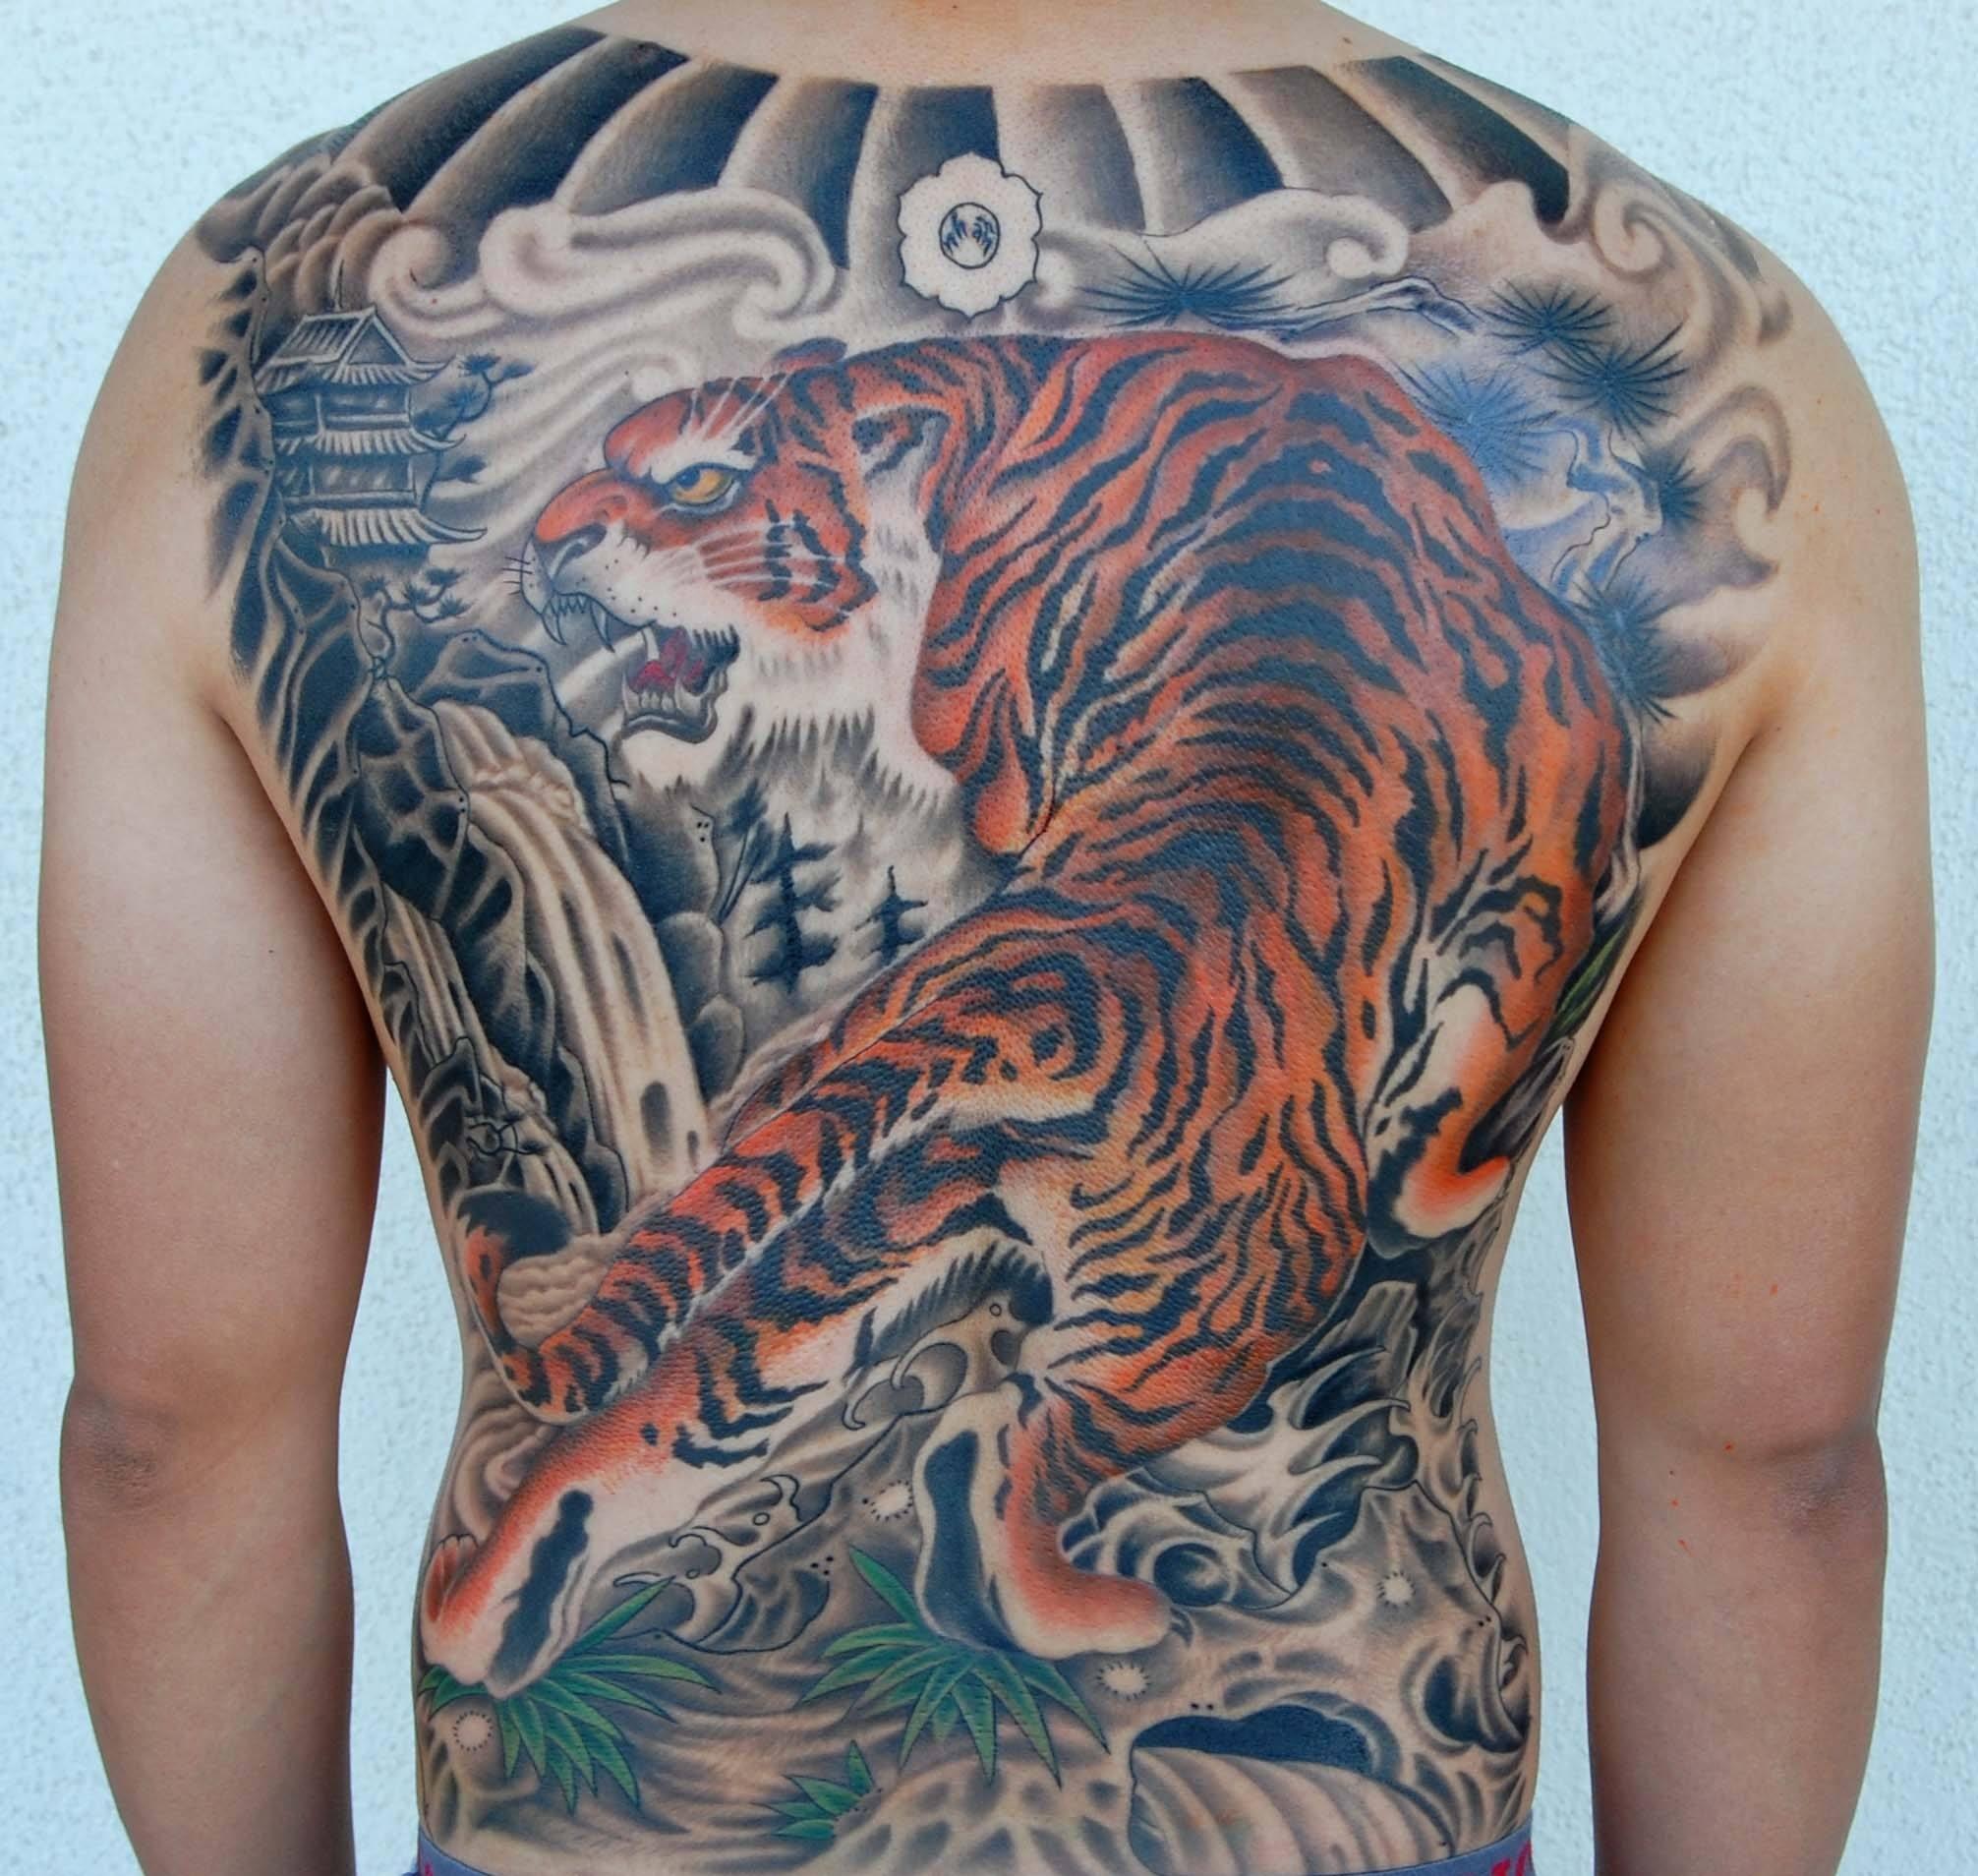 上山虎-下山虎-含义_中国十大不能纹的纹身,这些邪门的纹身图案硬要纹会有什么 ...